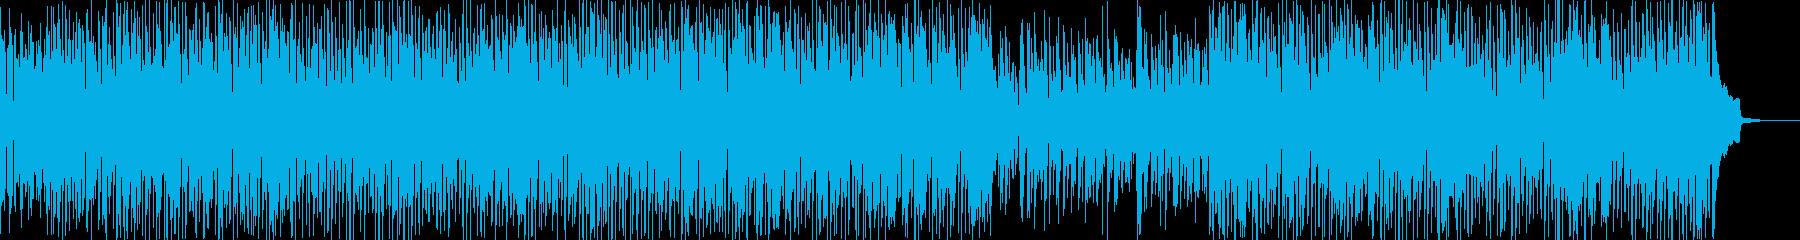 クリスマス 楽しげ ピアノ Chr...の再生済みの波形